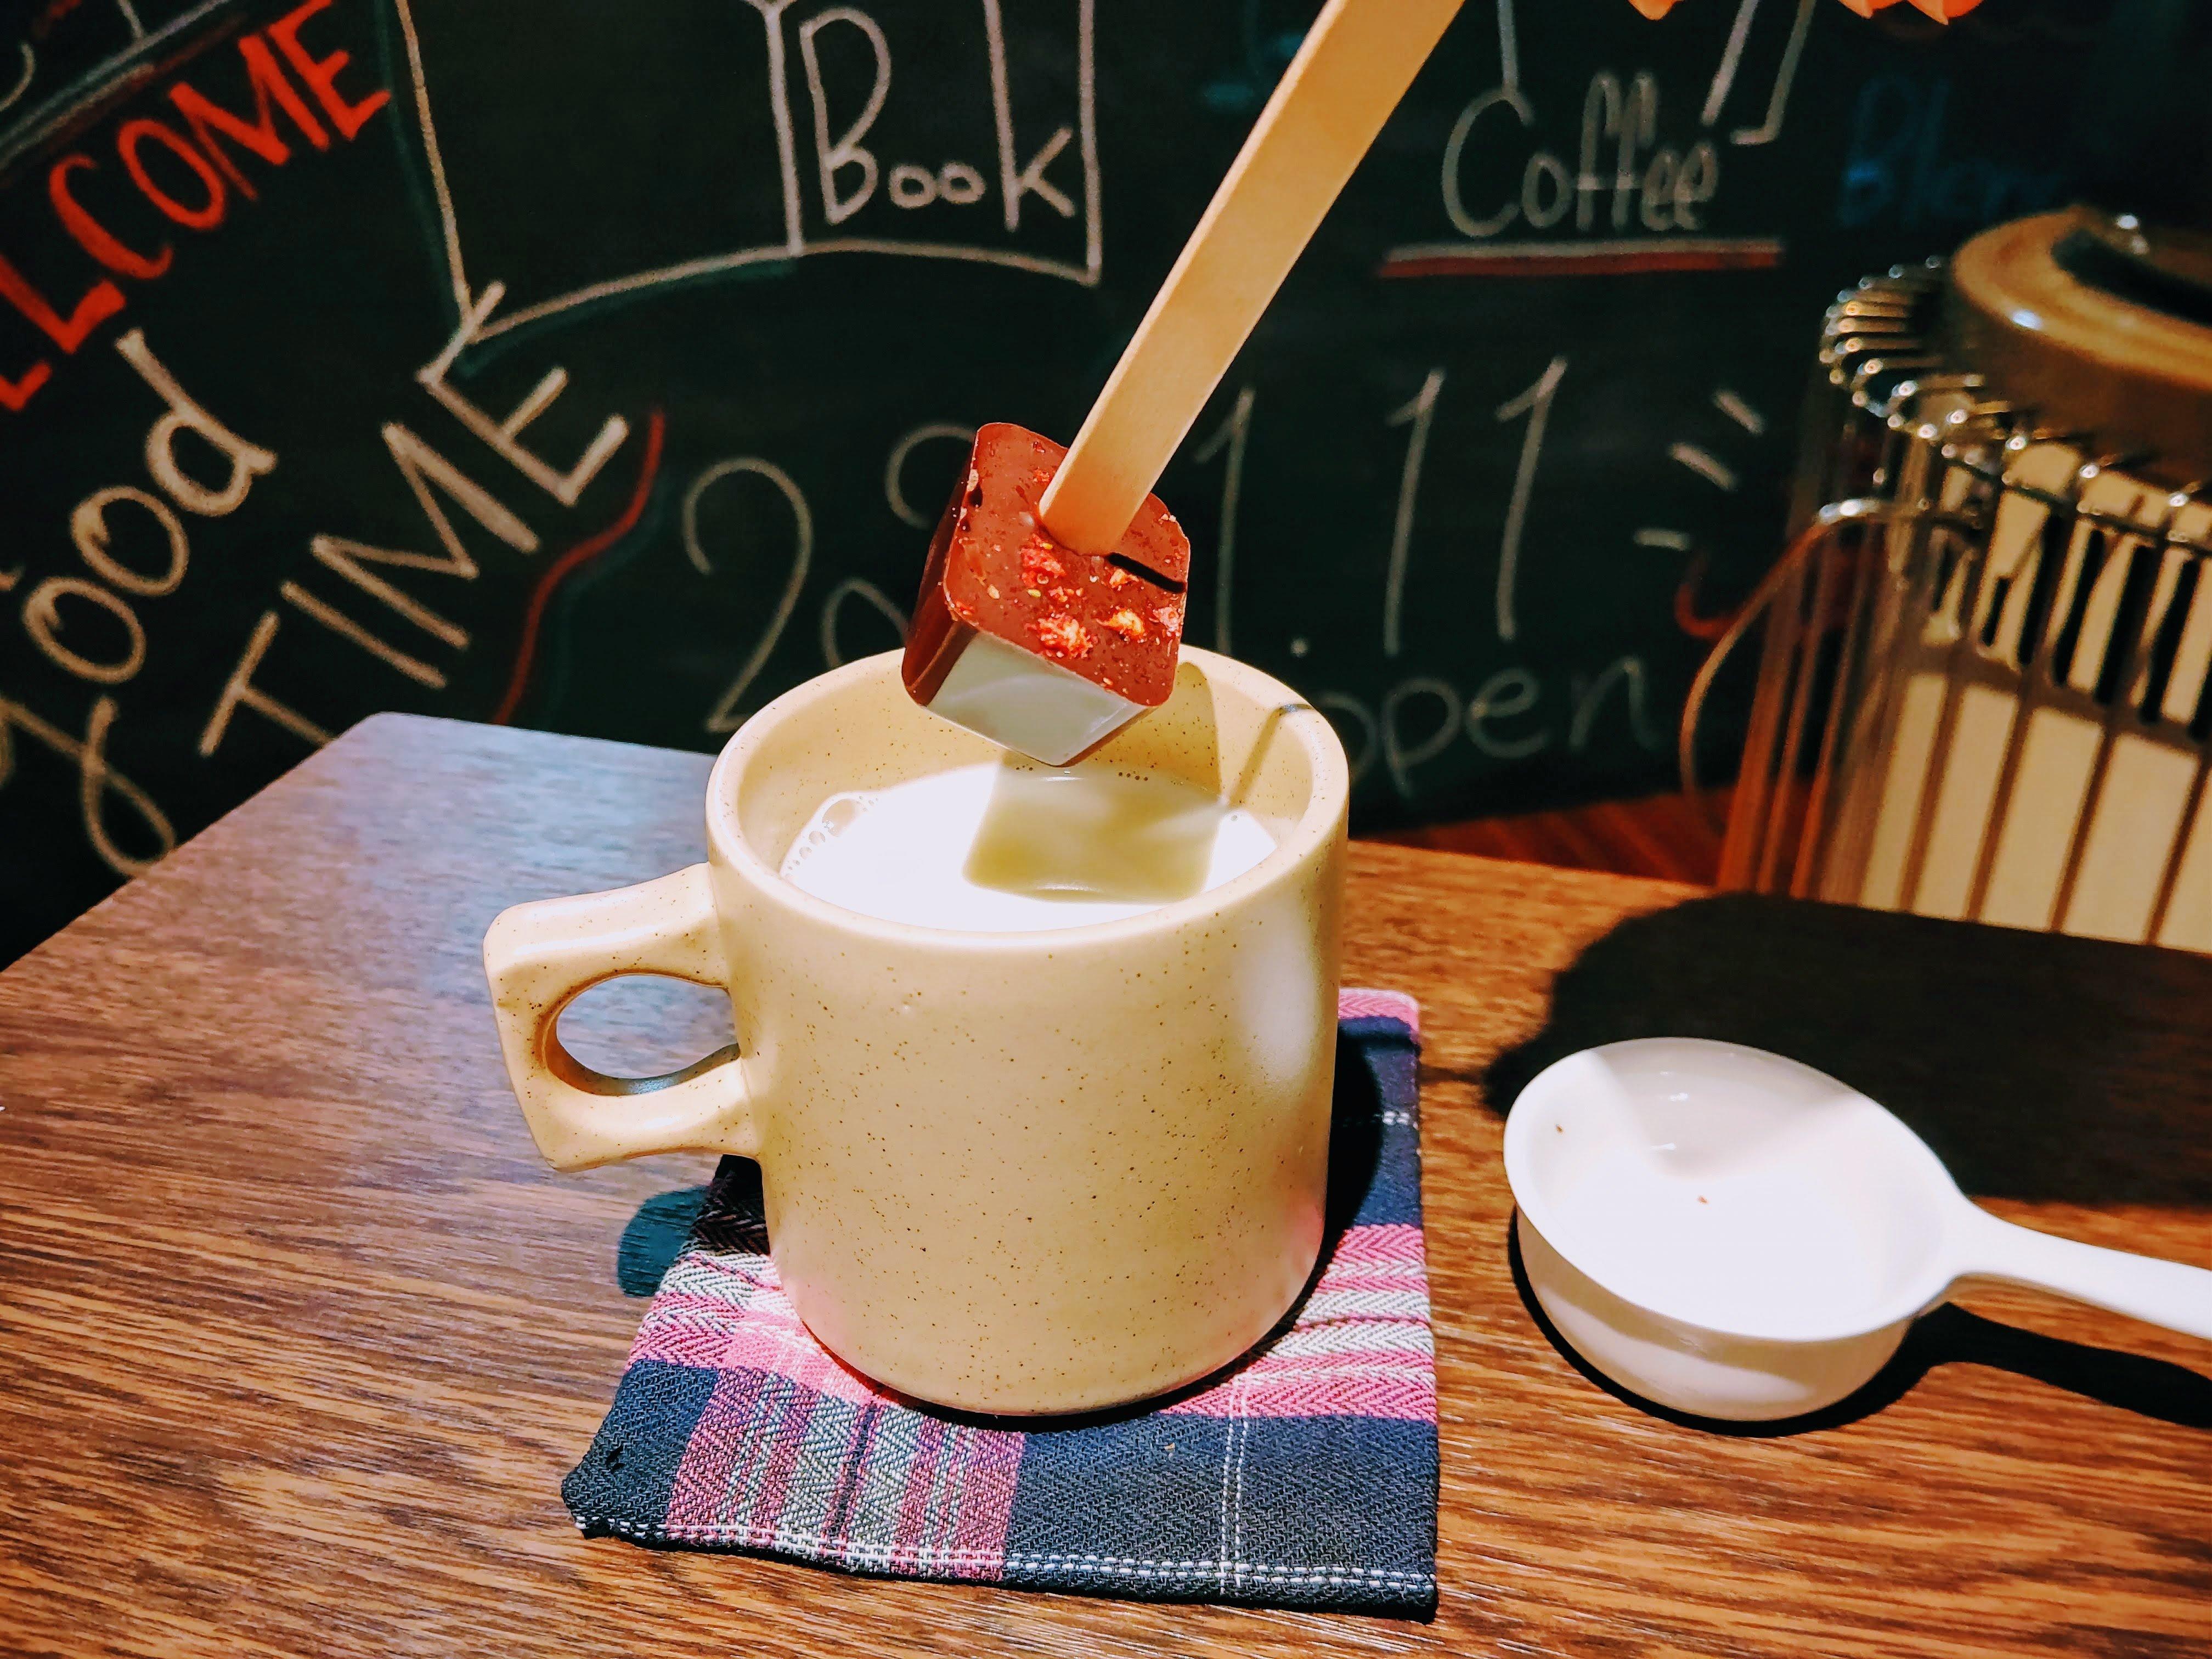 Book&Coffee coyomi AWAJISHIMA CHOCOLATE チョコポップ